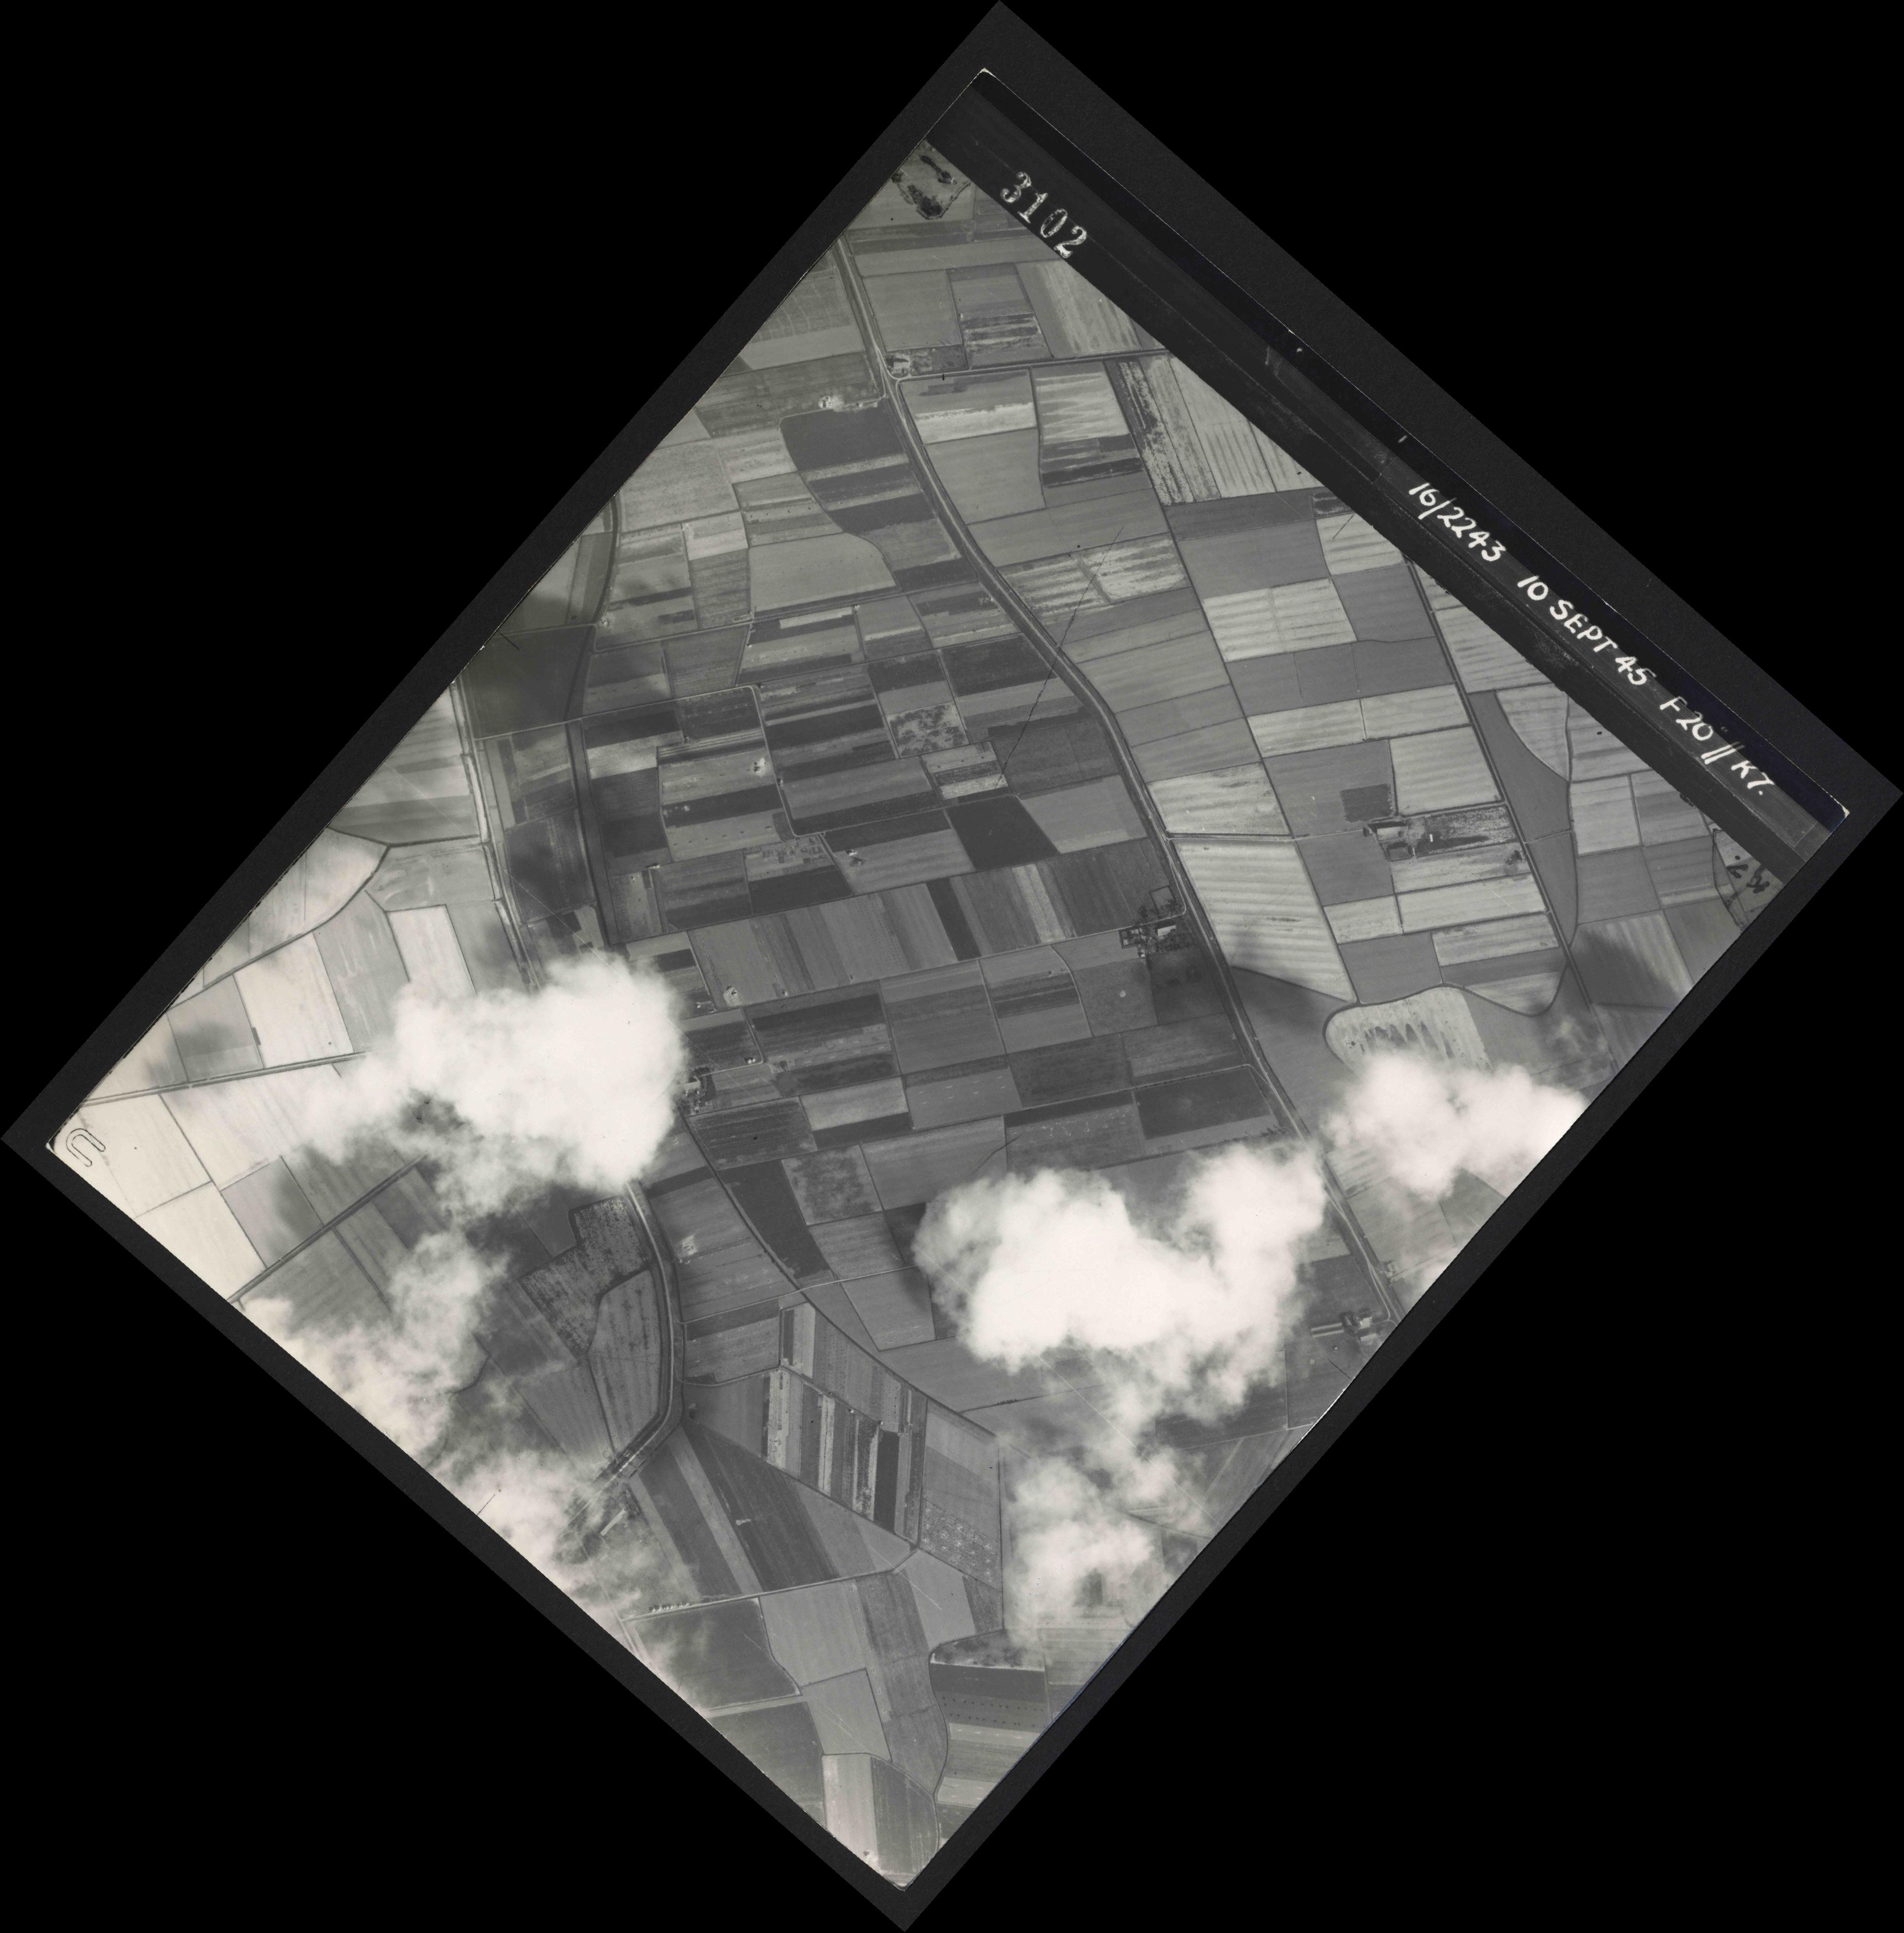 Collection RAF aerial photos 1940-1945 - flight 037, run 17, photo 3102